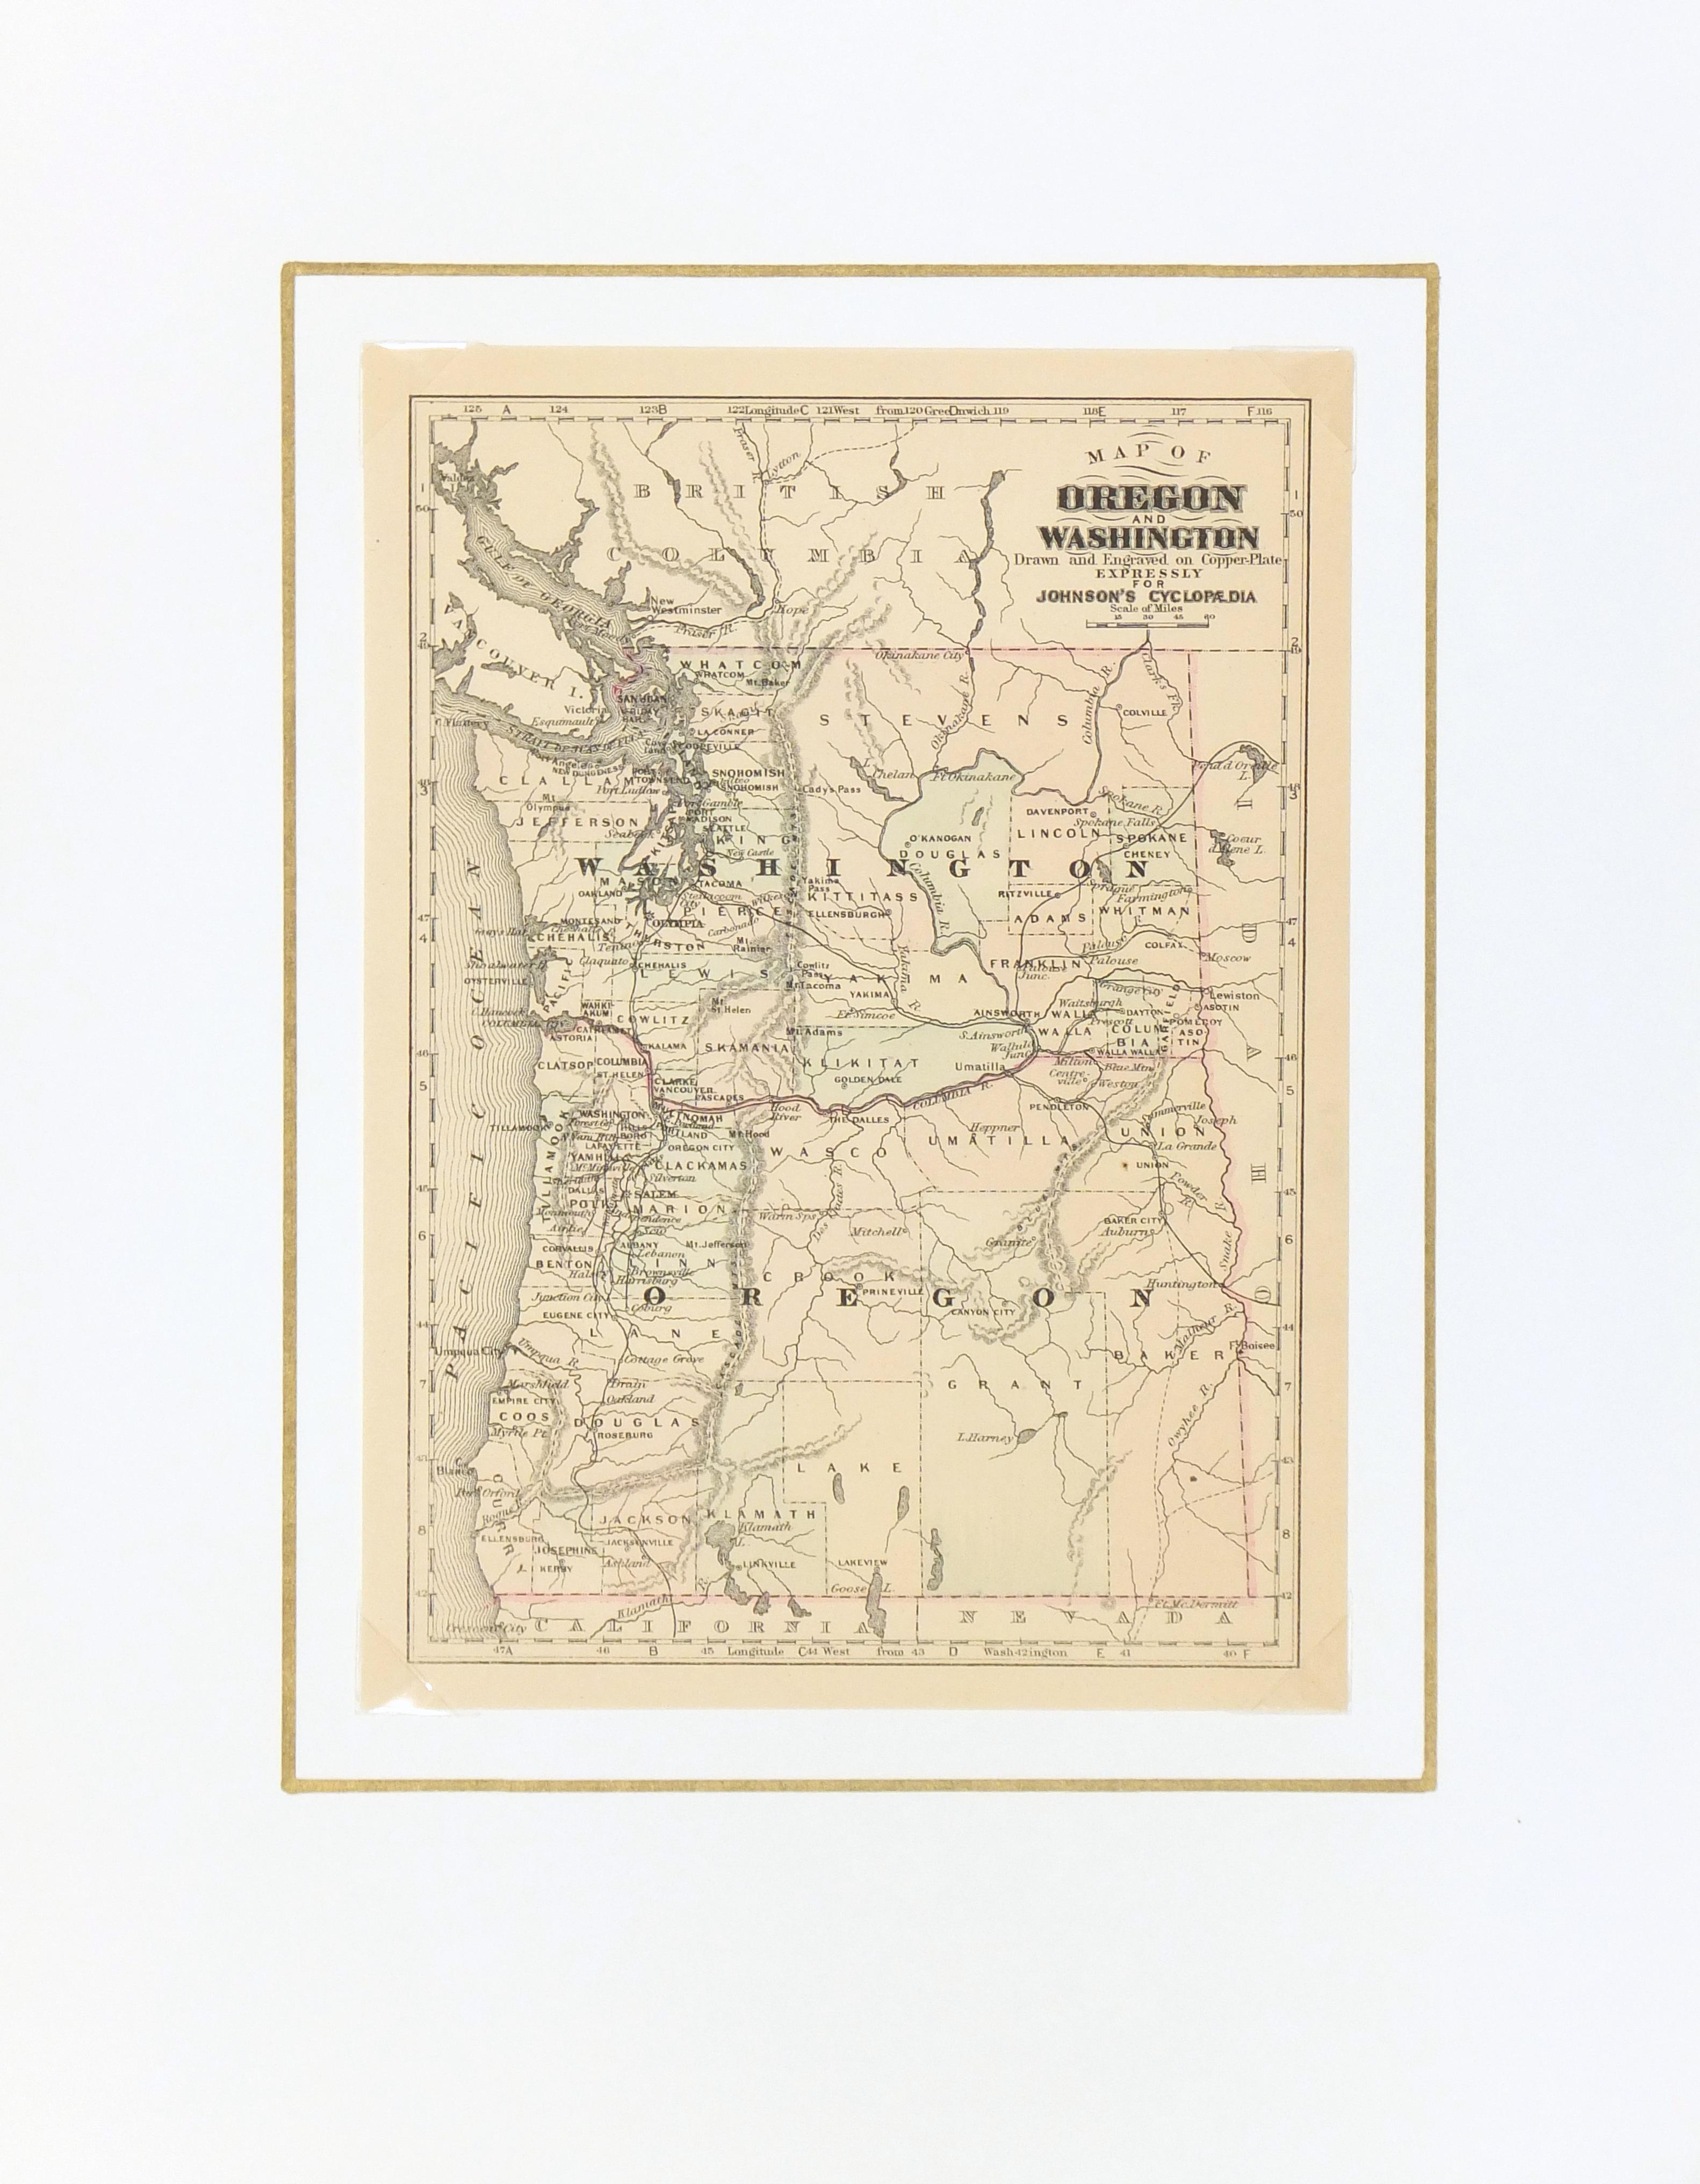 Washington & Oregon, 1885-matted-7340K